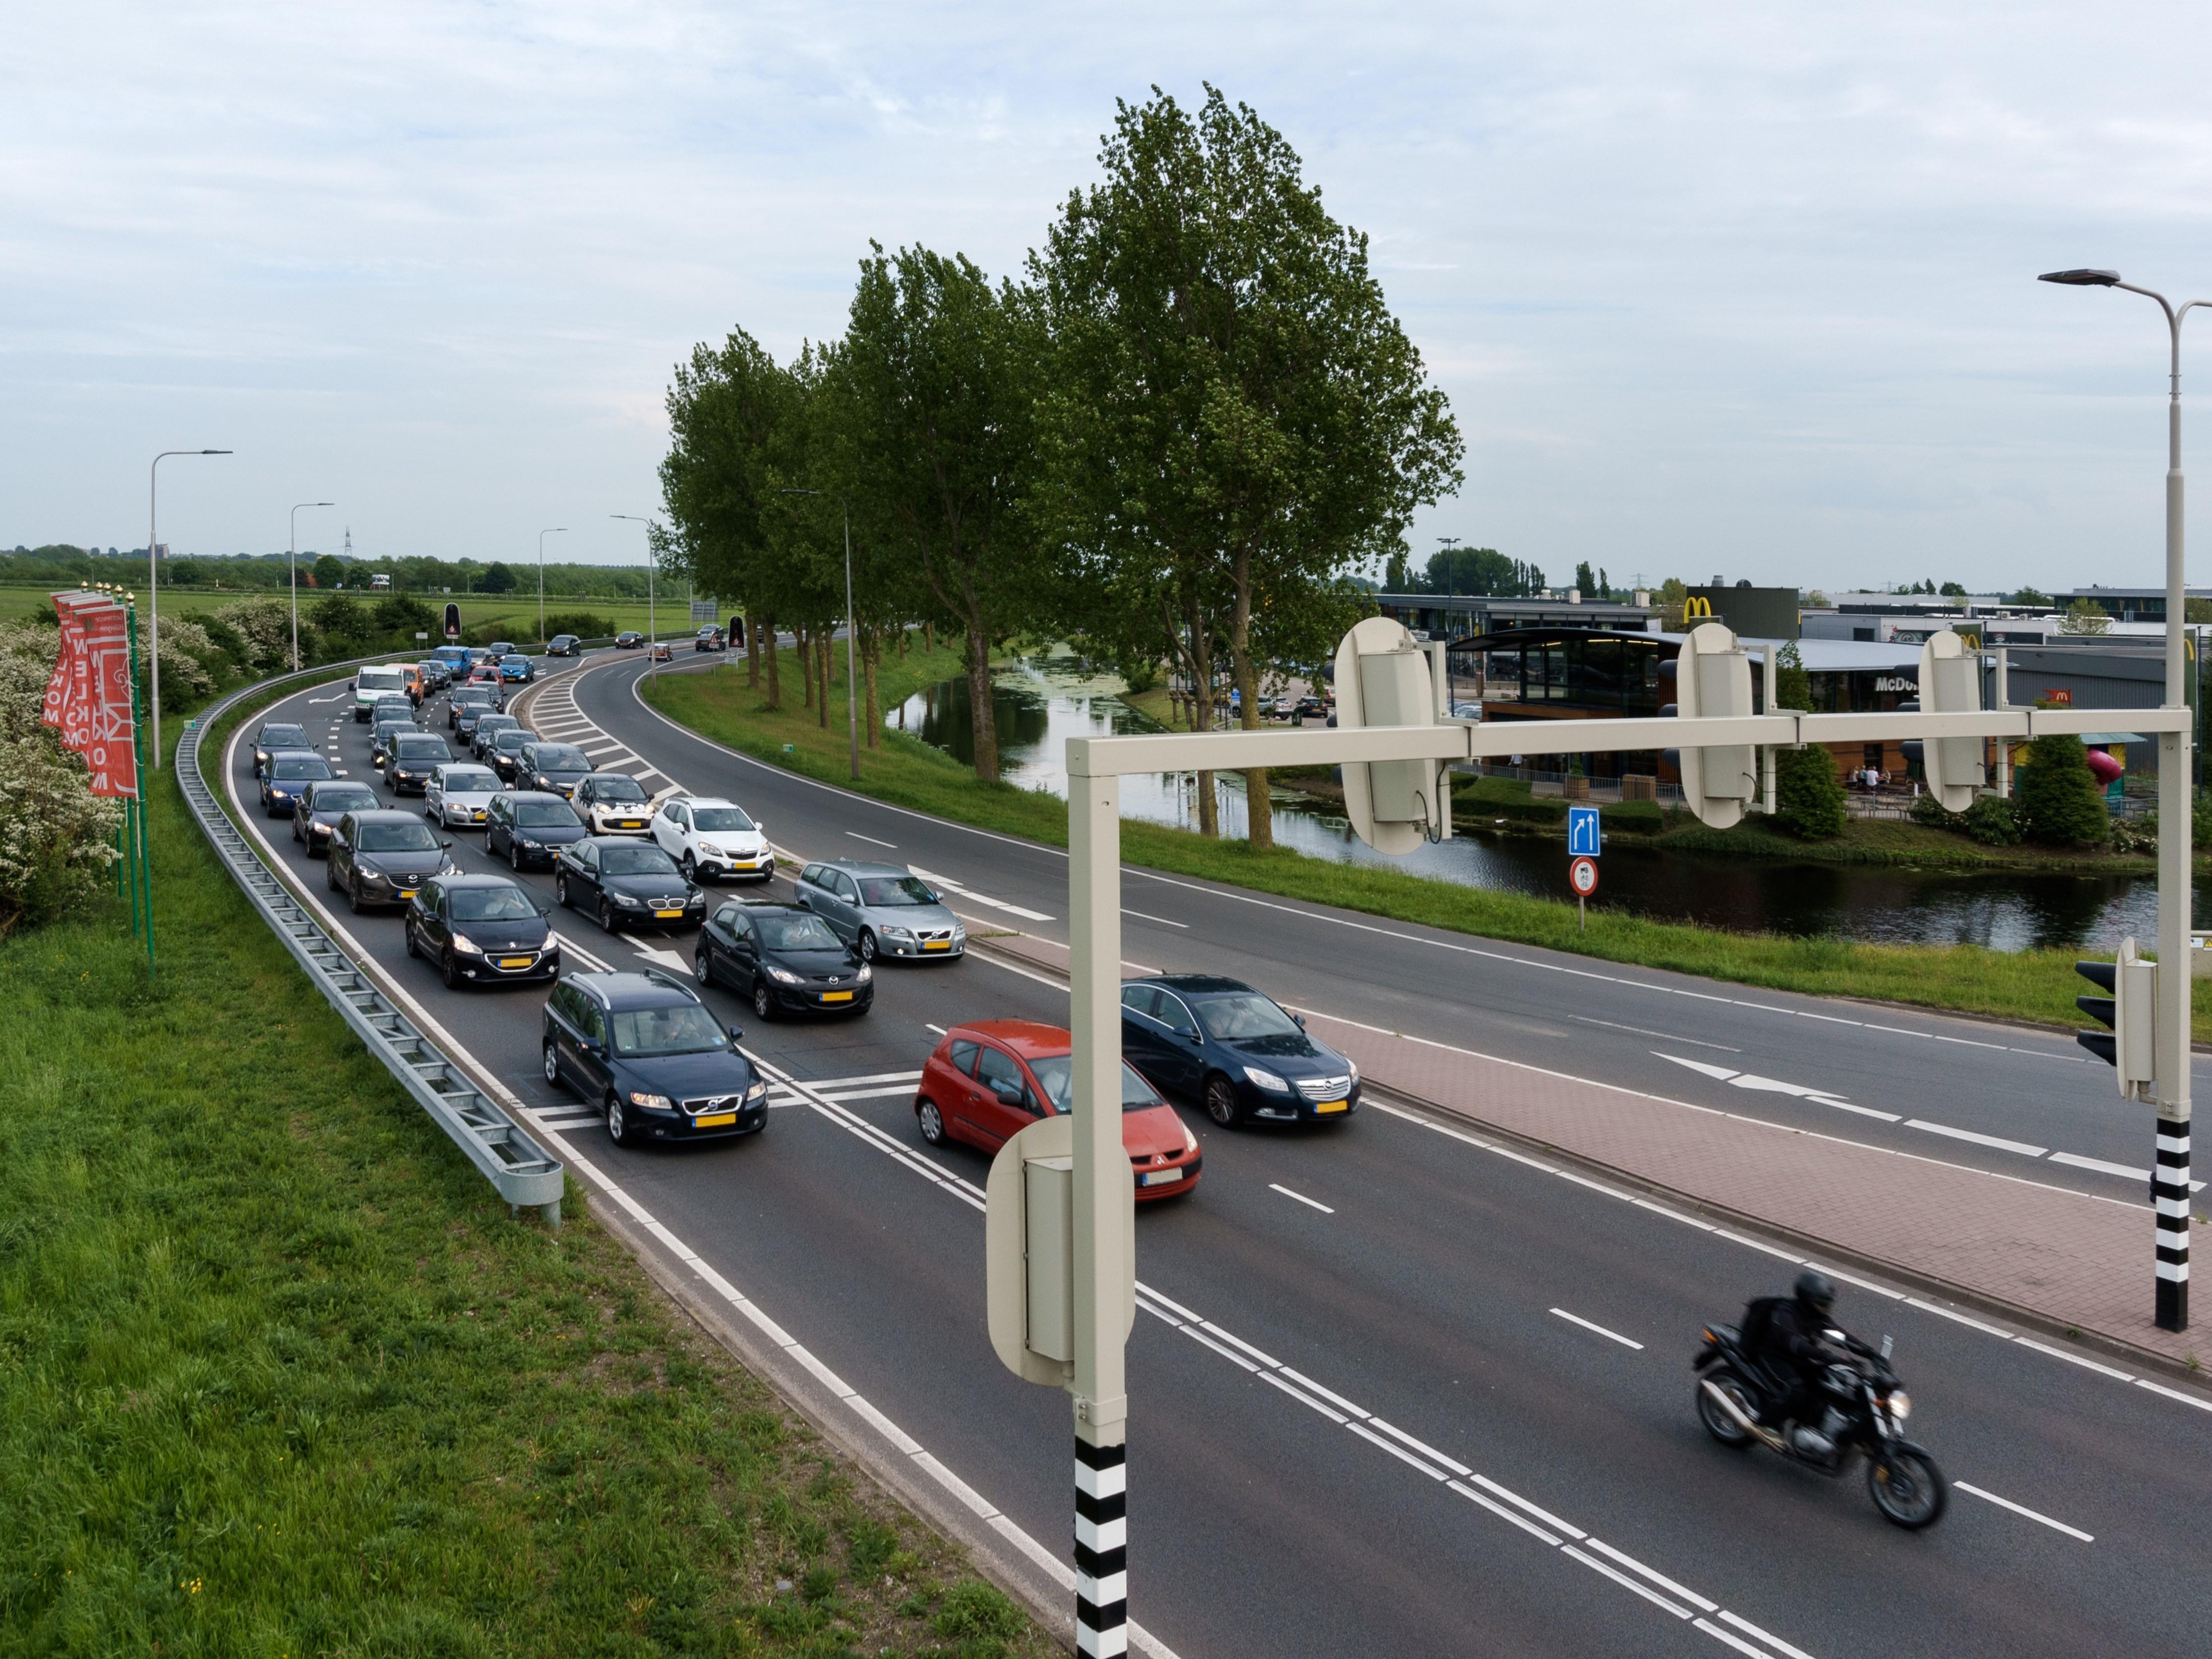 Noord-Holland voorspelt wachtrijen met kunstmatige intelligentie